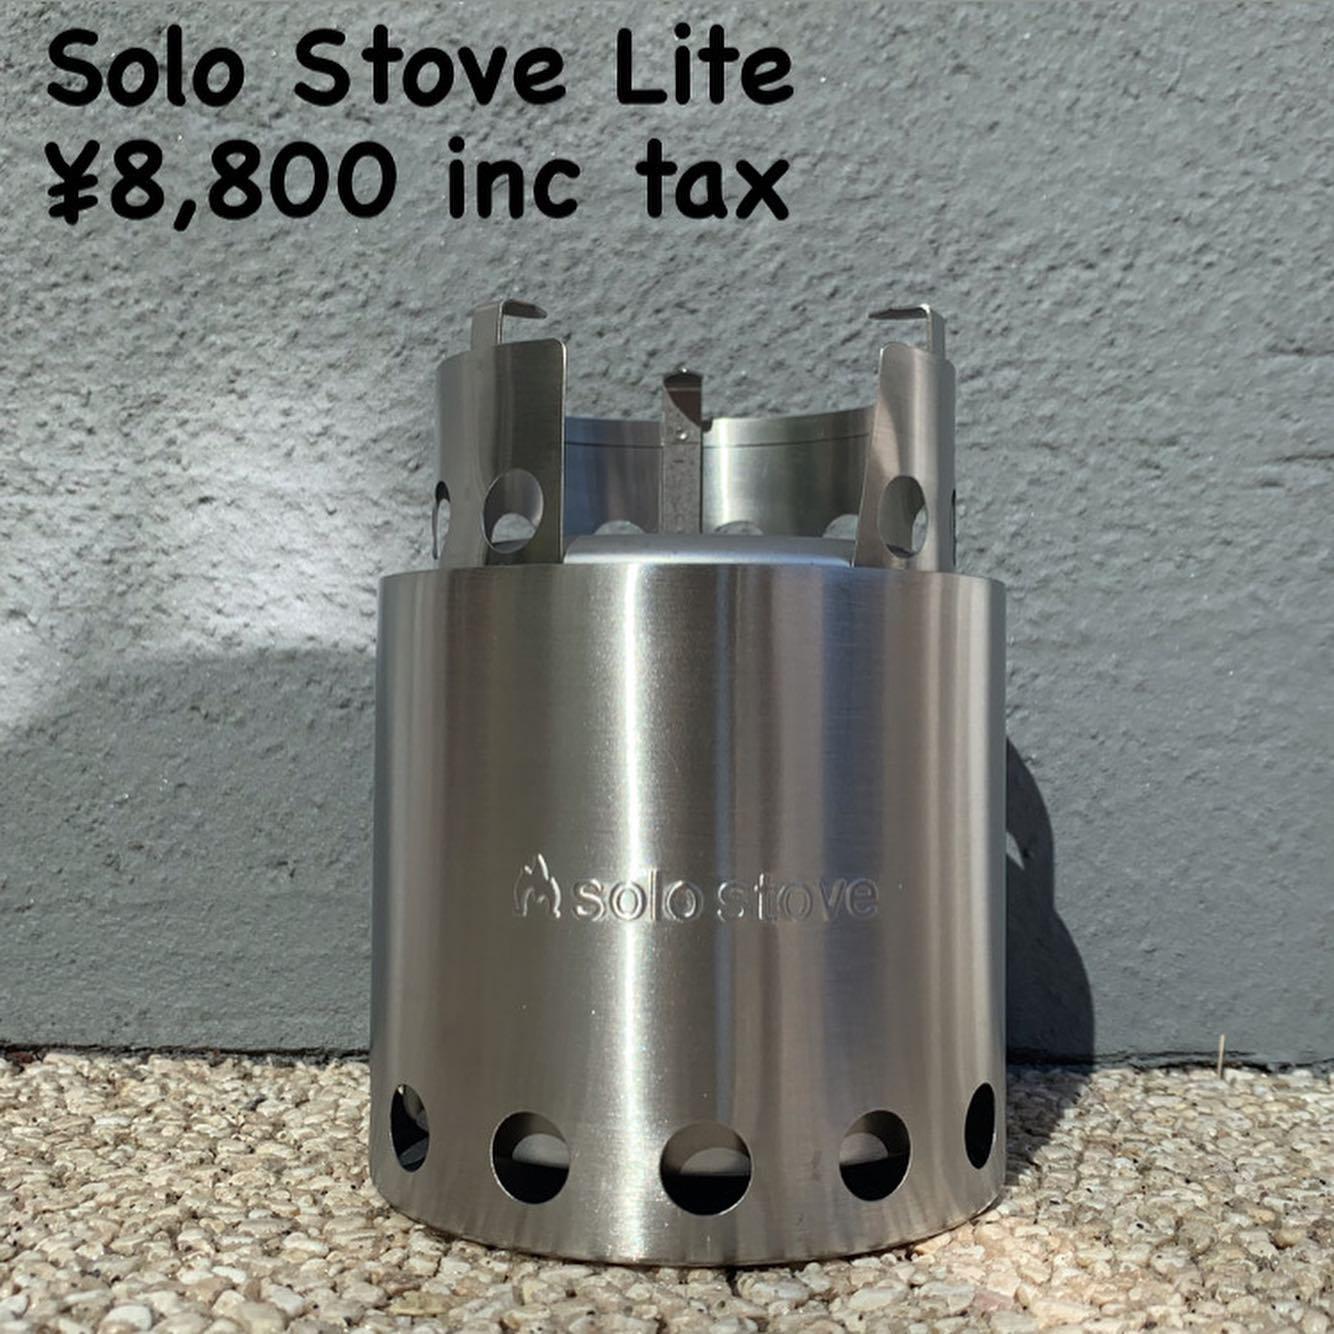 アメリカ テキサス発のSolo Stove(ソロストーブ)『SOLO STOVE ライト』のご紹介